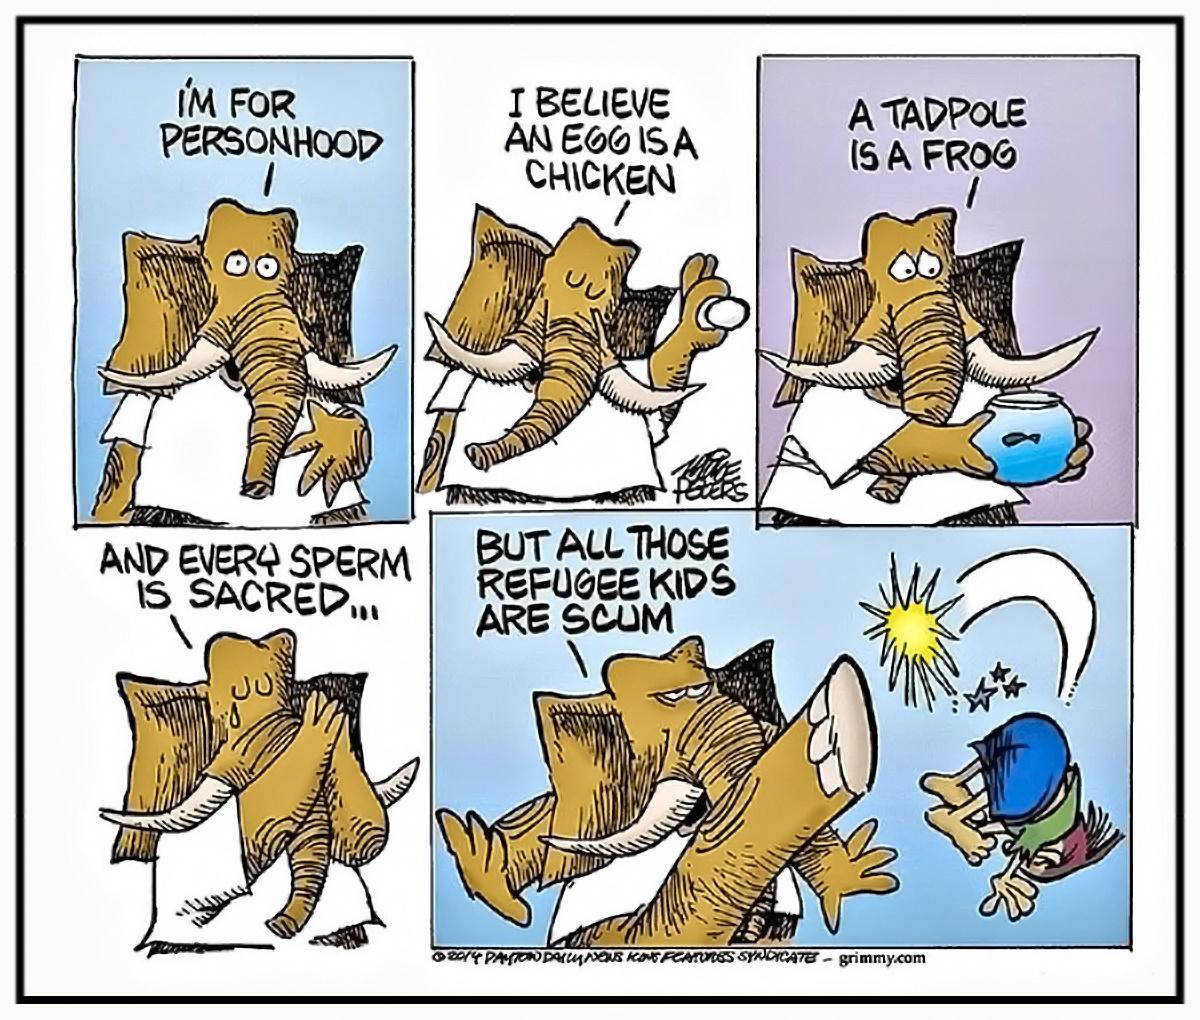 00 personhood. cartoon. republican. 09.08.14